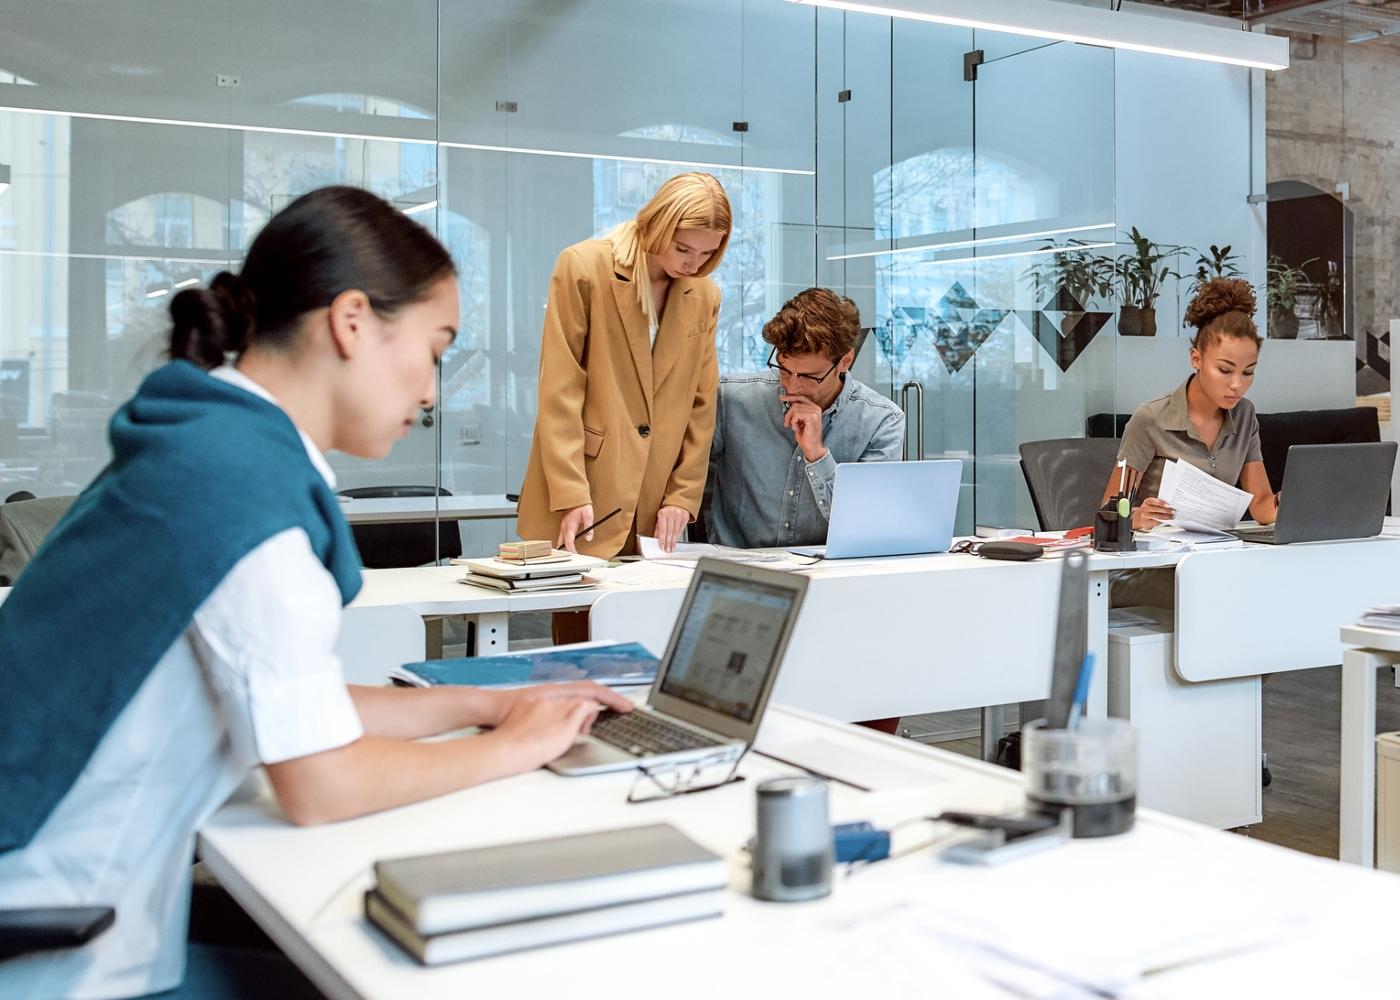 equipa a trabalhar no escritório